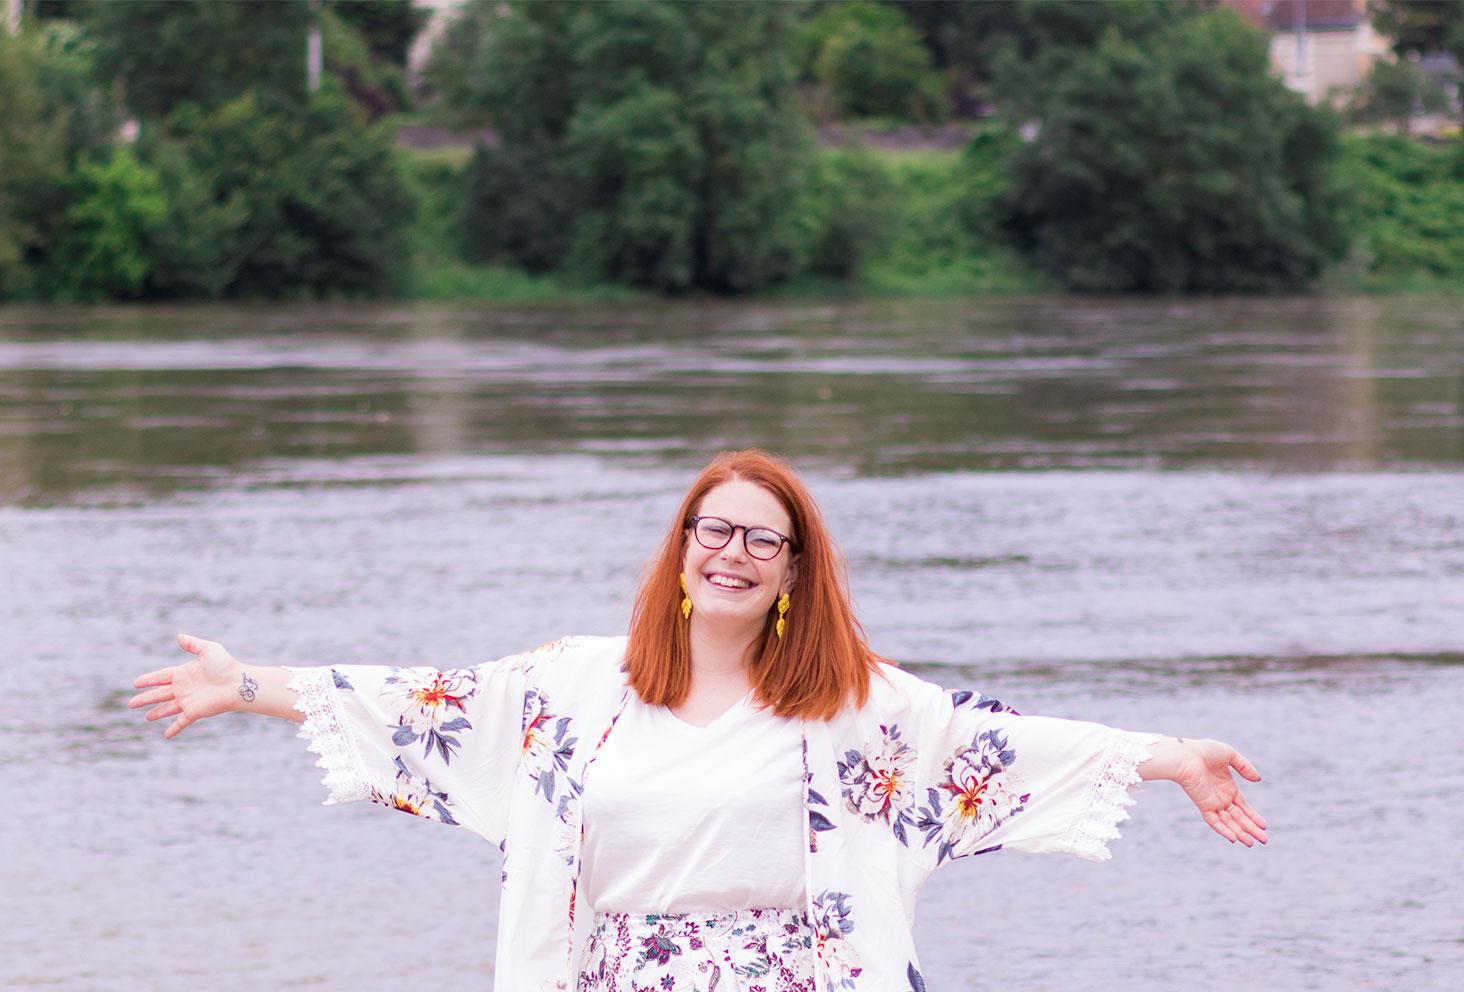 Les bras écarté avec la Loire derrière, en kimono blanc à fleurs et boucles d'oreilles jaunes